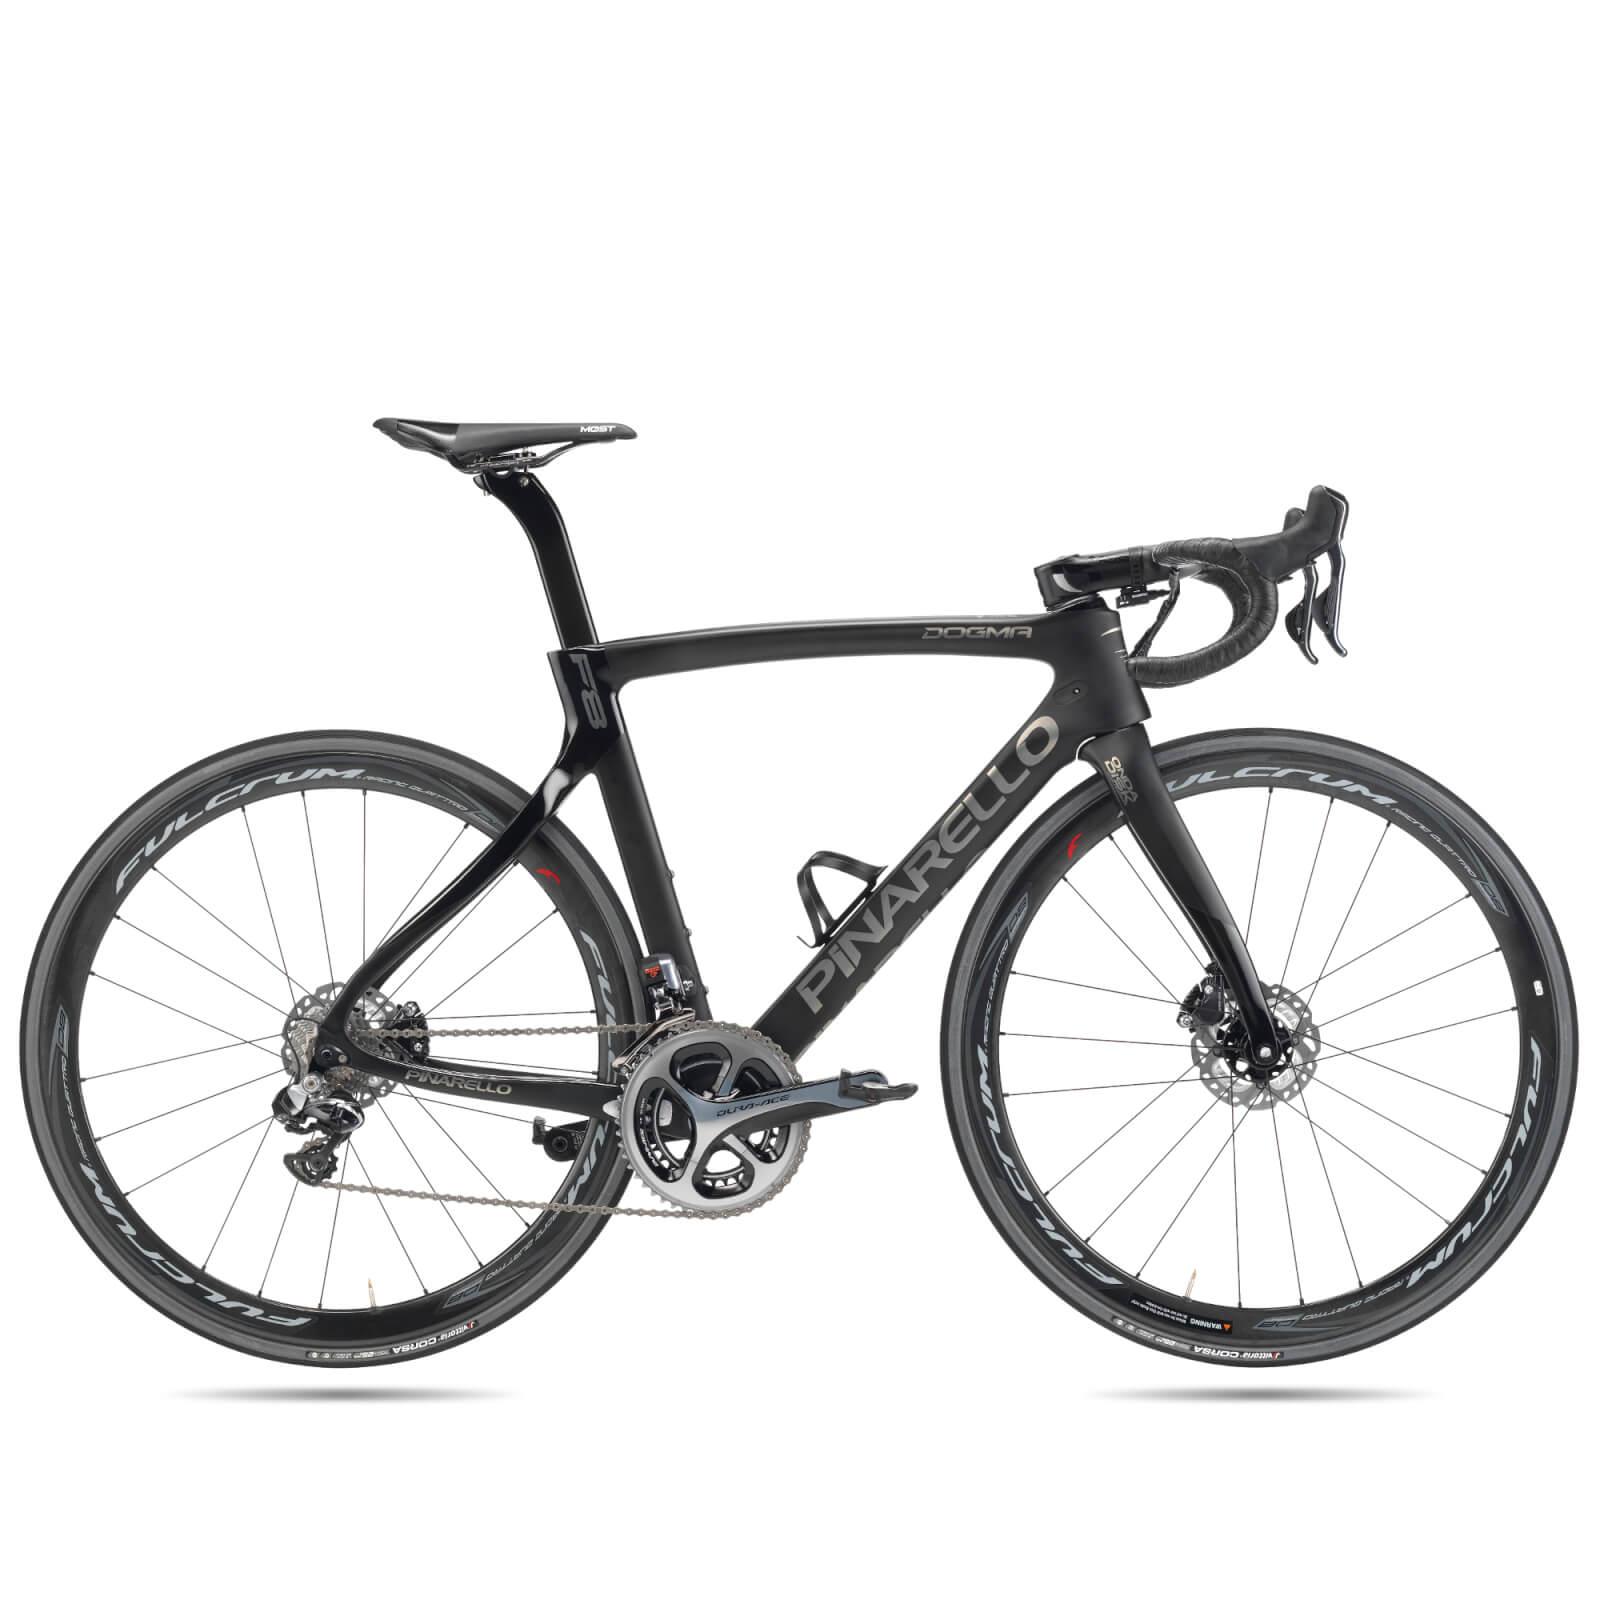 Pinarello Dogma F8 Disc Dura Ace Di2 Road Bike - 27 Black On Black ...